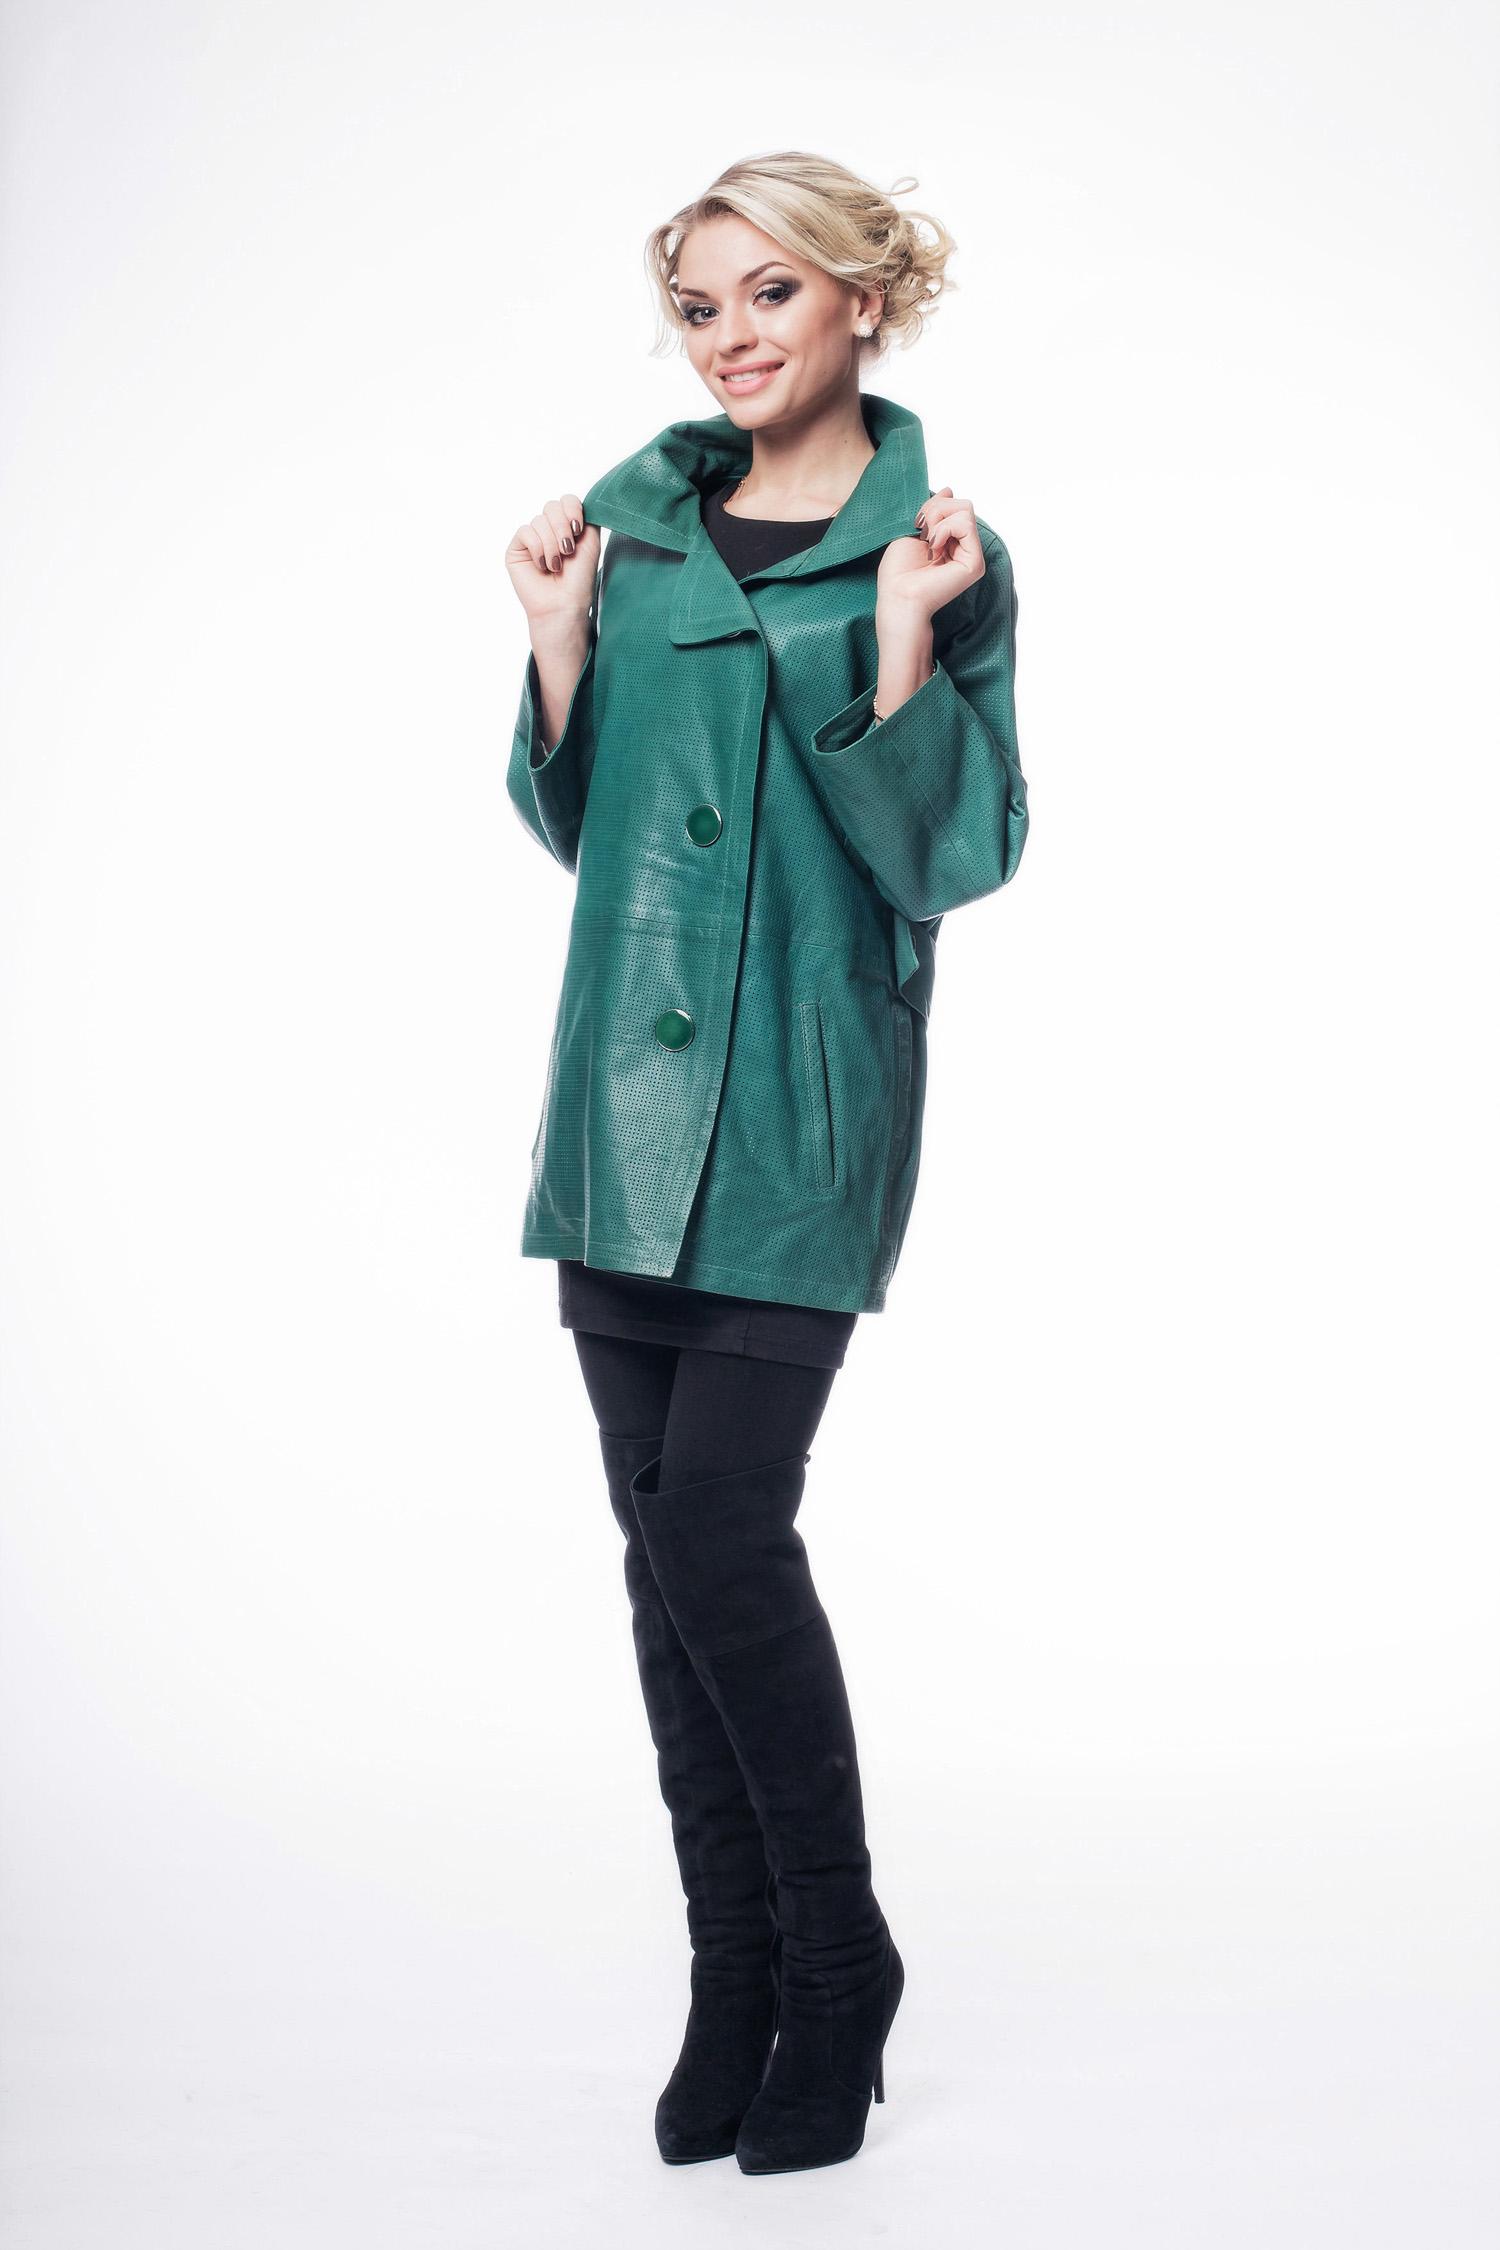 Купить Женская кожаная куртка из натуральной кожи, МОСМЕХА, зеленый, Кожа натуральная, 8003250